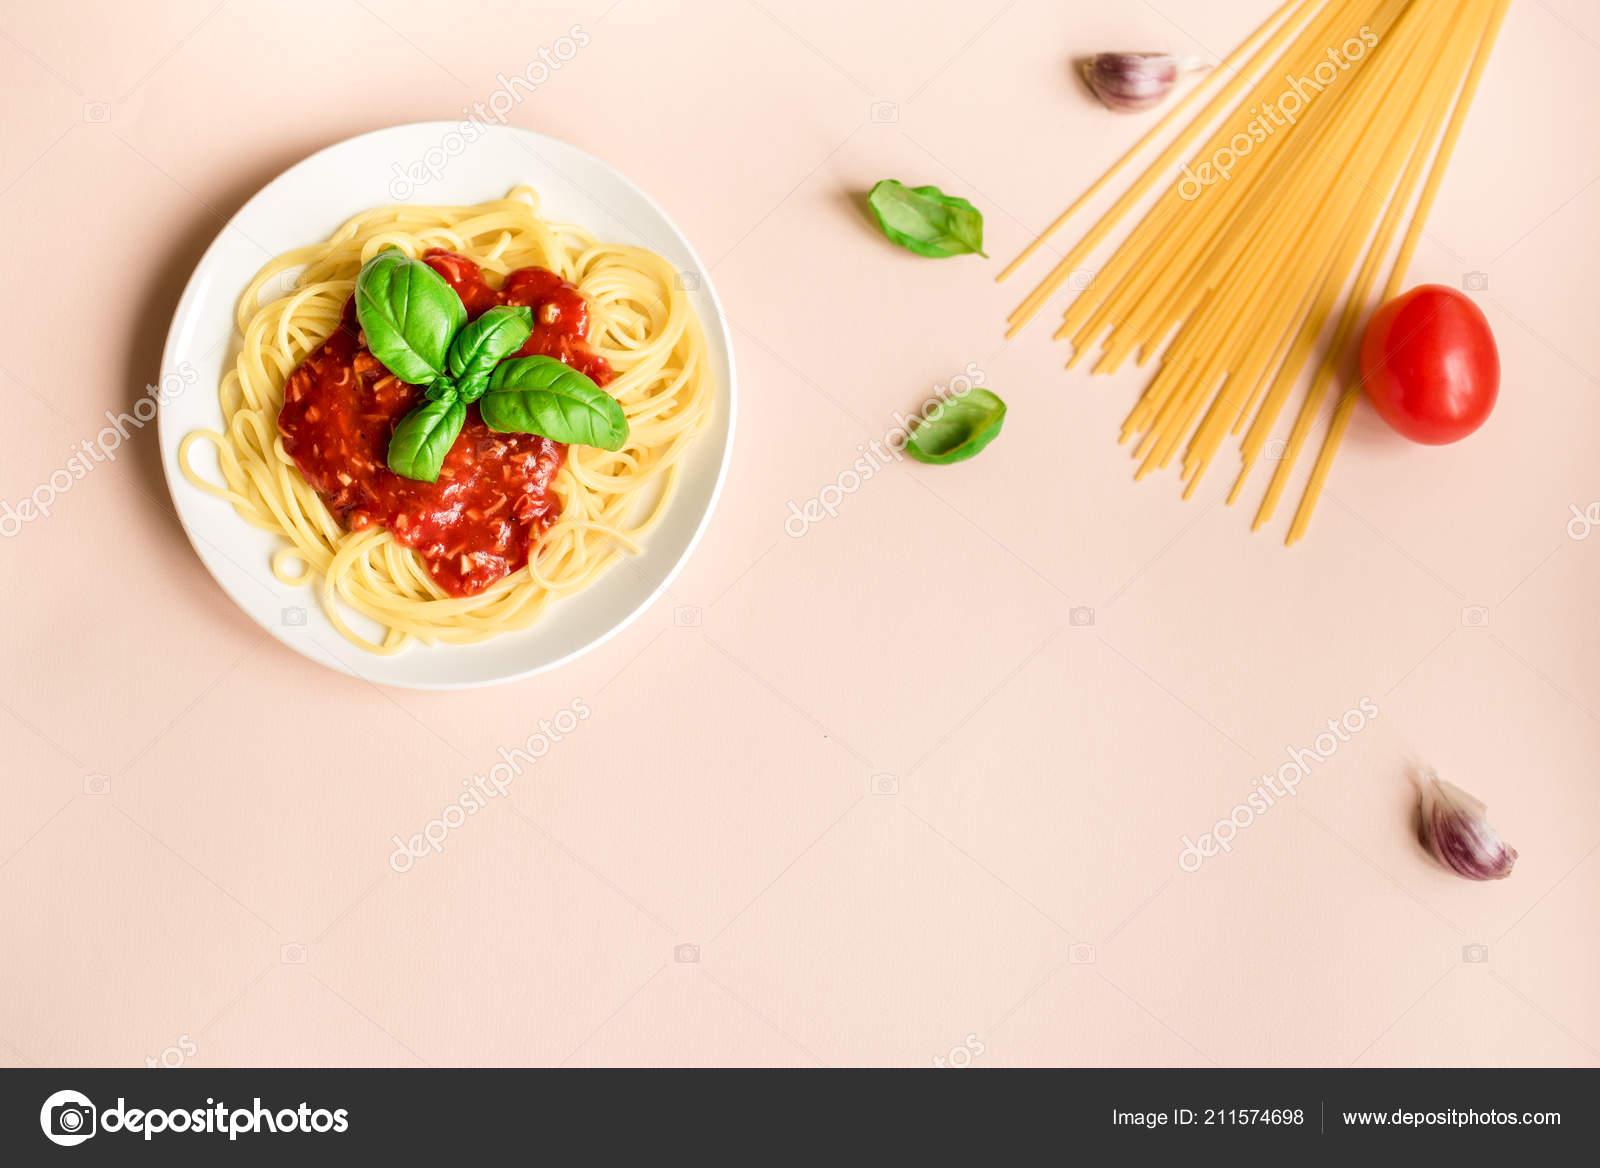 Spaghetti Alla Bolognese Pasta Ingredienti Sfondo Rosa Vista Dall